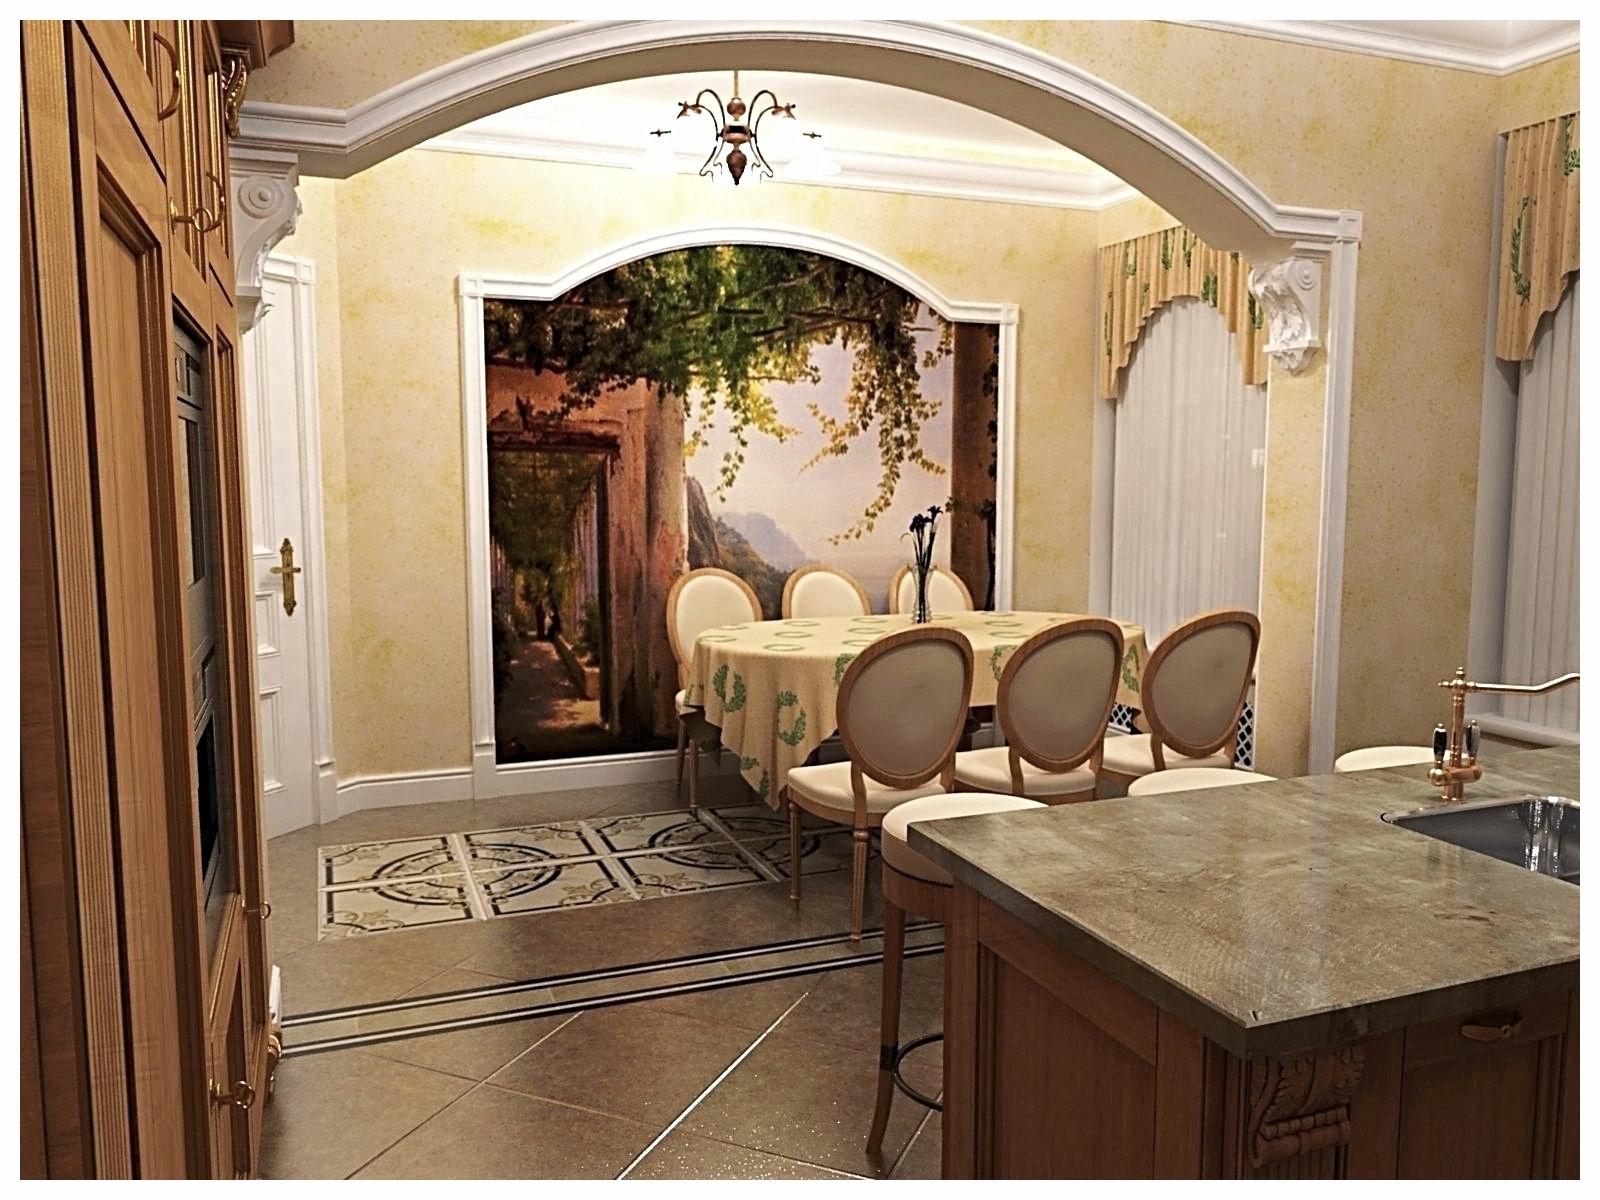 Дизайн интерьеров квартиры в дворцовом стиле. Кухня 1.